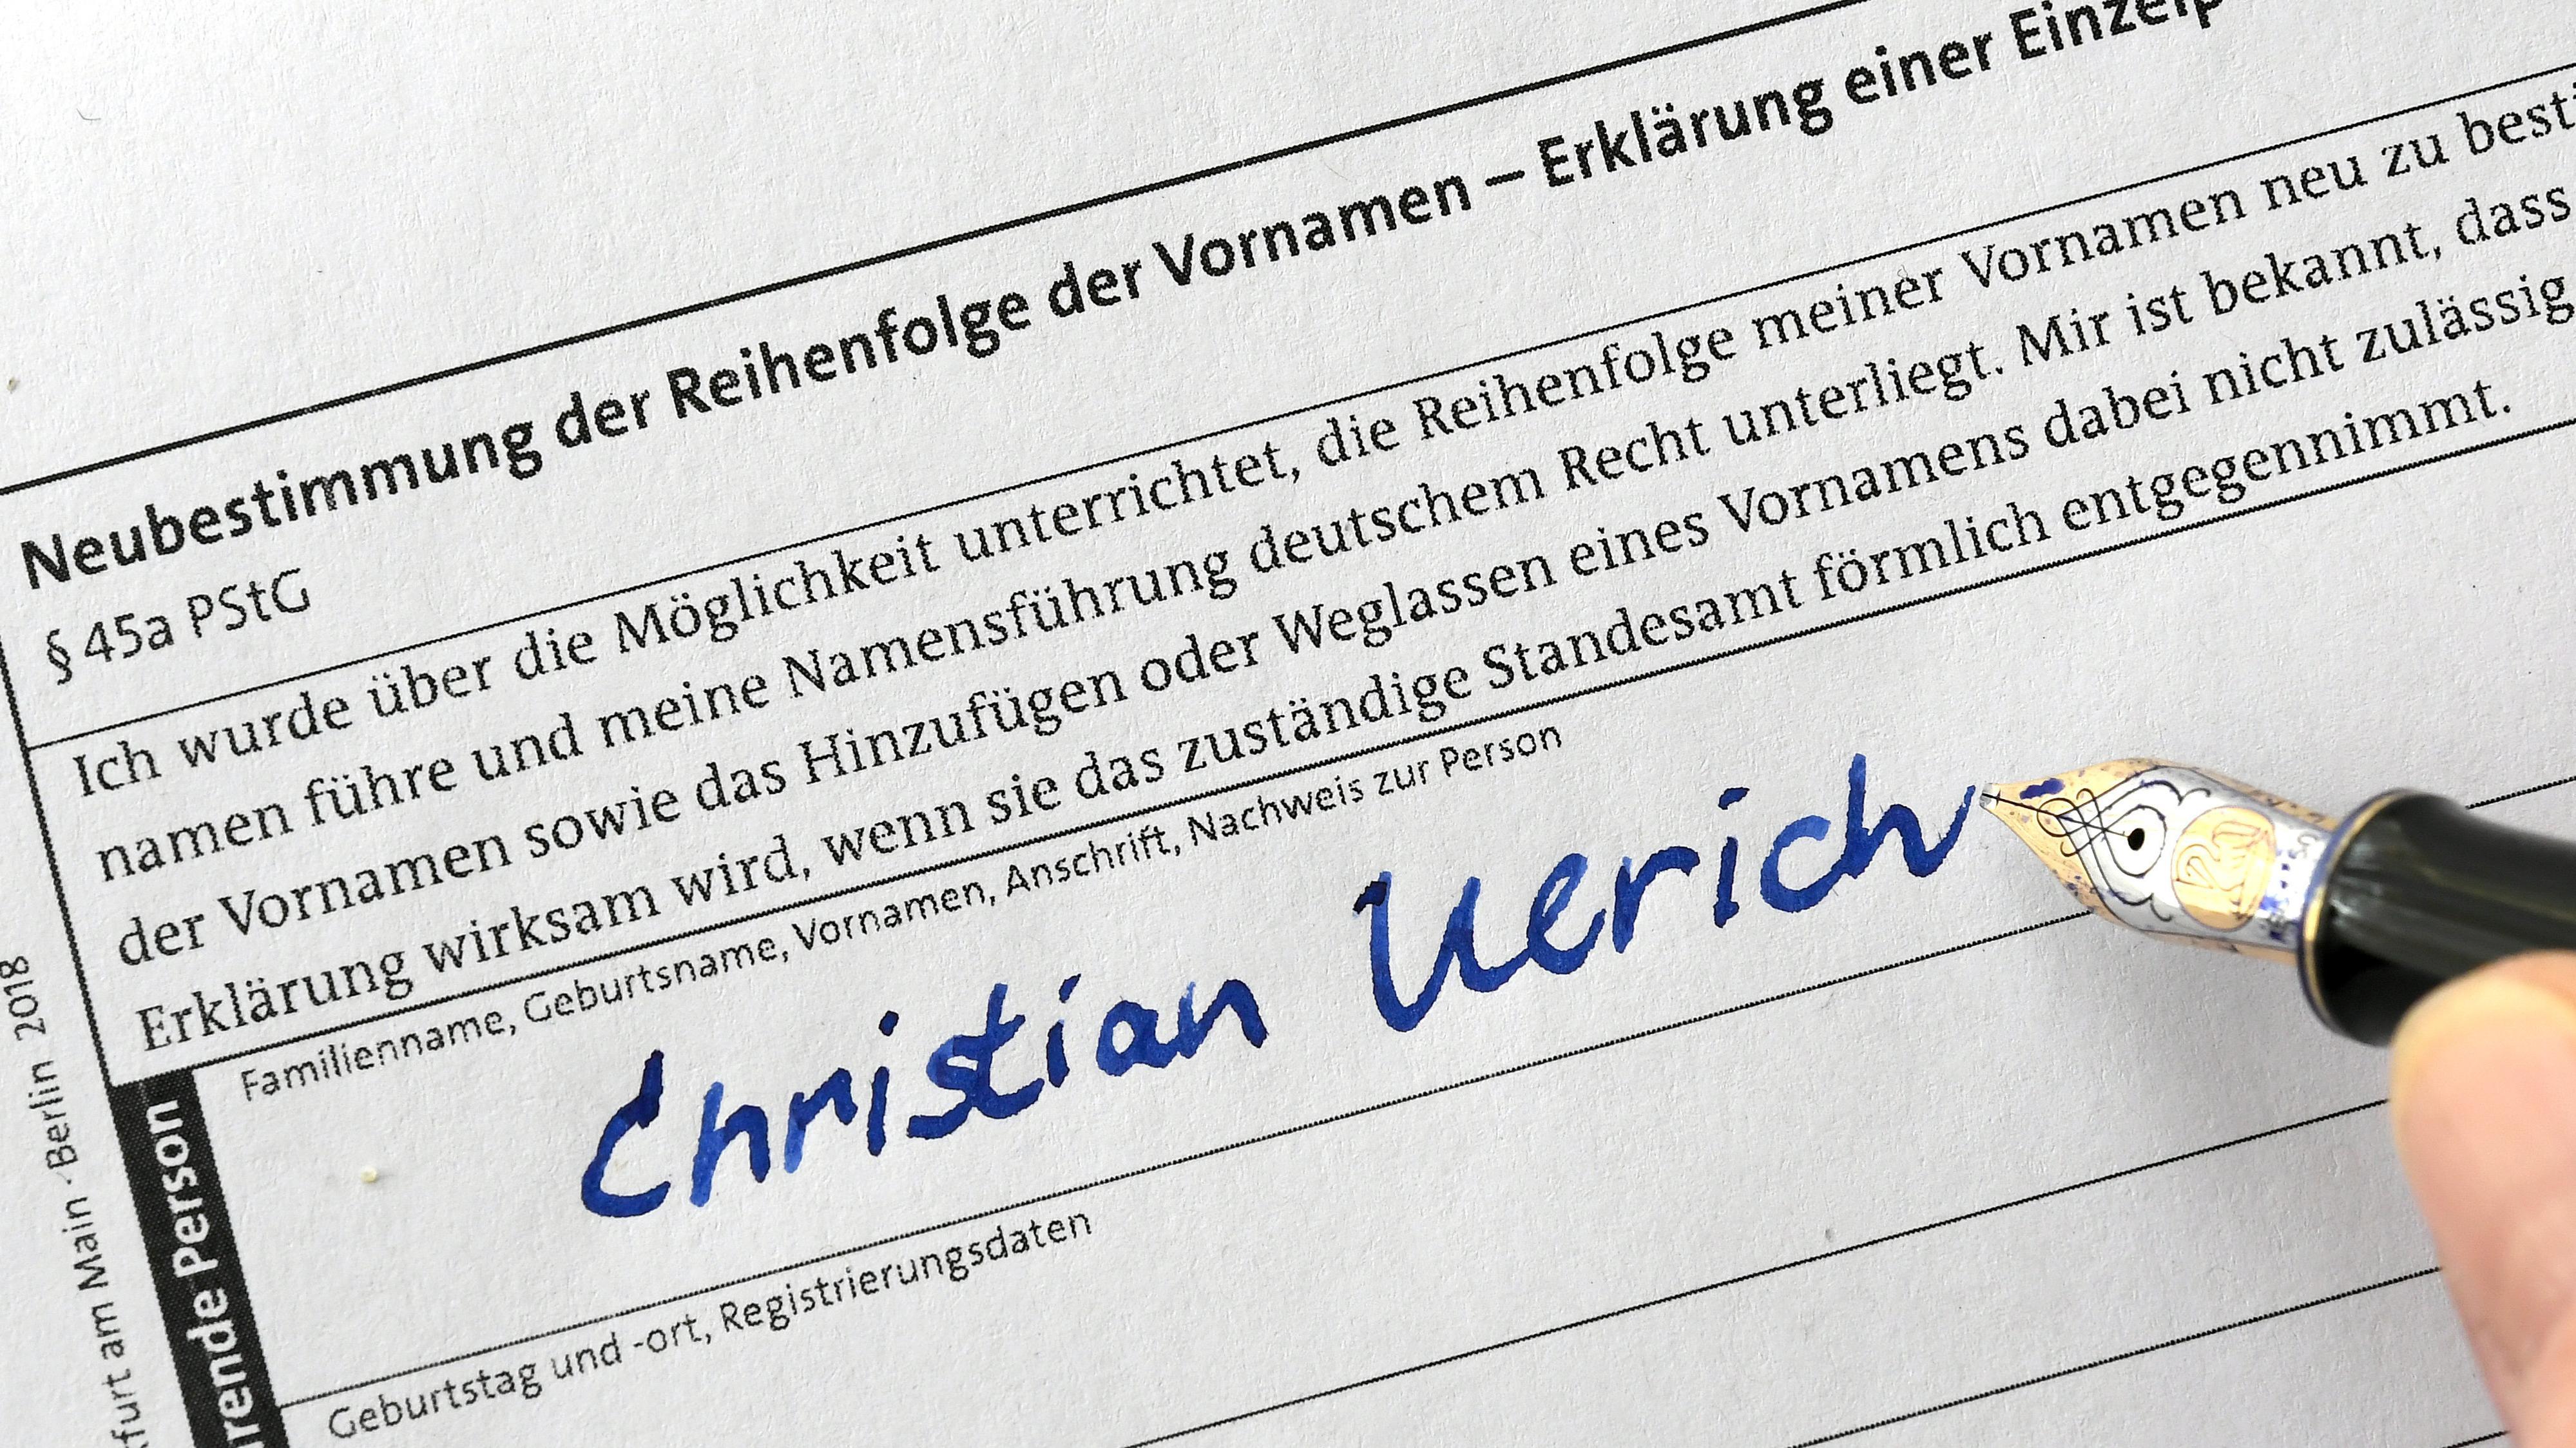 """Die Vornamen Christian und Ulrich werden auf einem Formular """"Neubestimmung der Reihenfolge der Vornamen - Erklärung einer Einzelperson"""" des Standesamtes eingetragen. Christian Ulrich besitzt wie viele Deutsche mehrere Vornamen. Vor gut einem Vierteljahr ermöglichte ihm eine Gesetzesänderung, die Namen umzusortieren."""